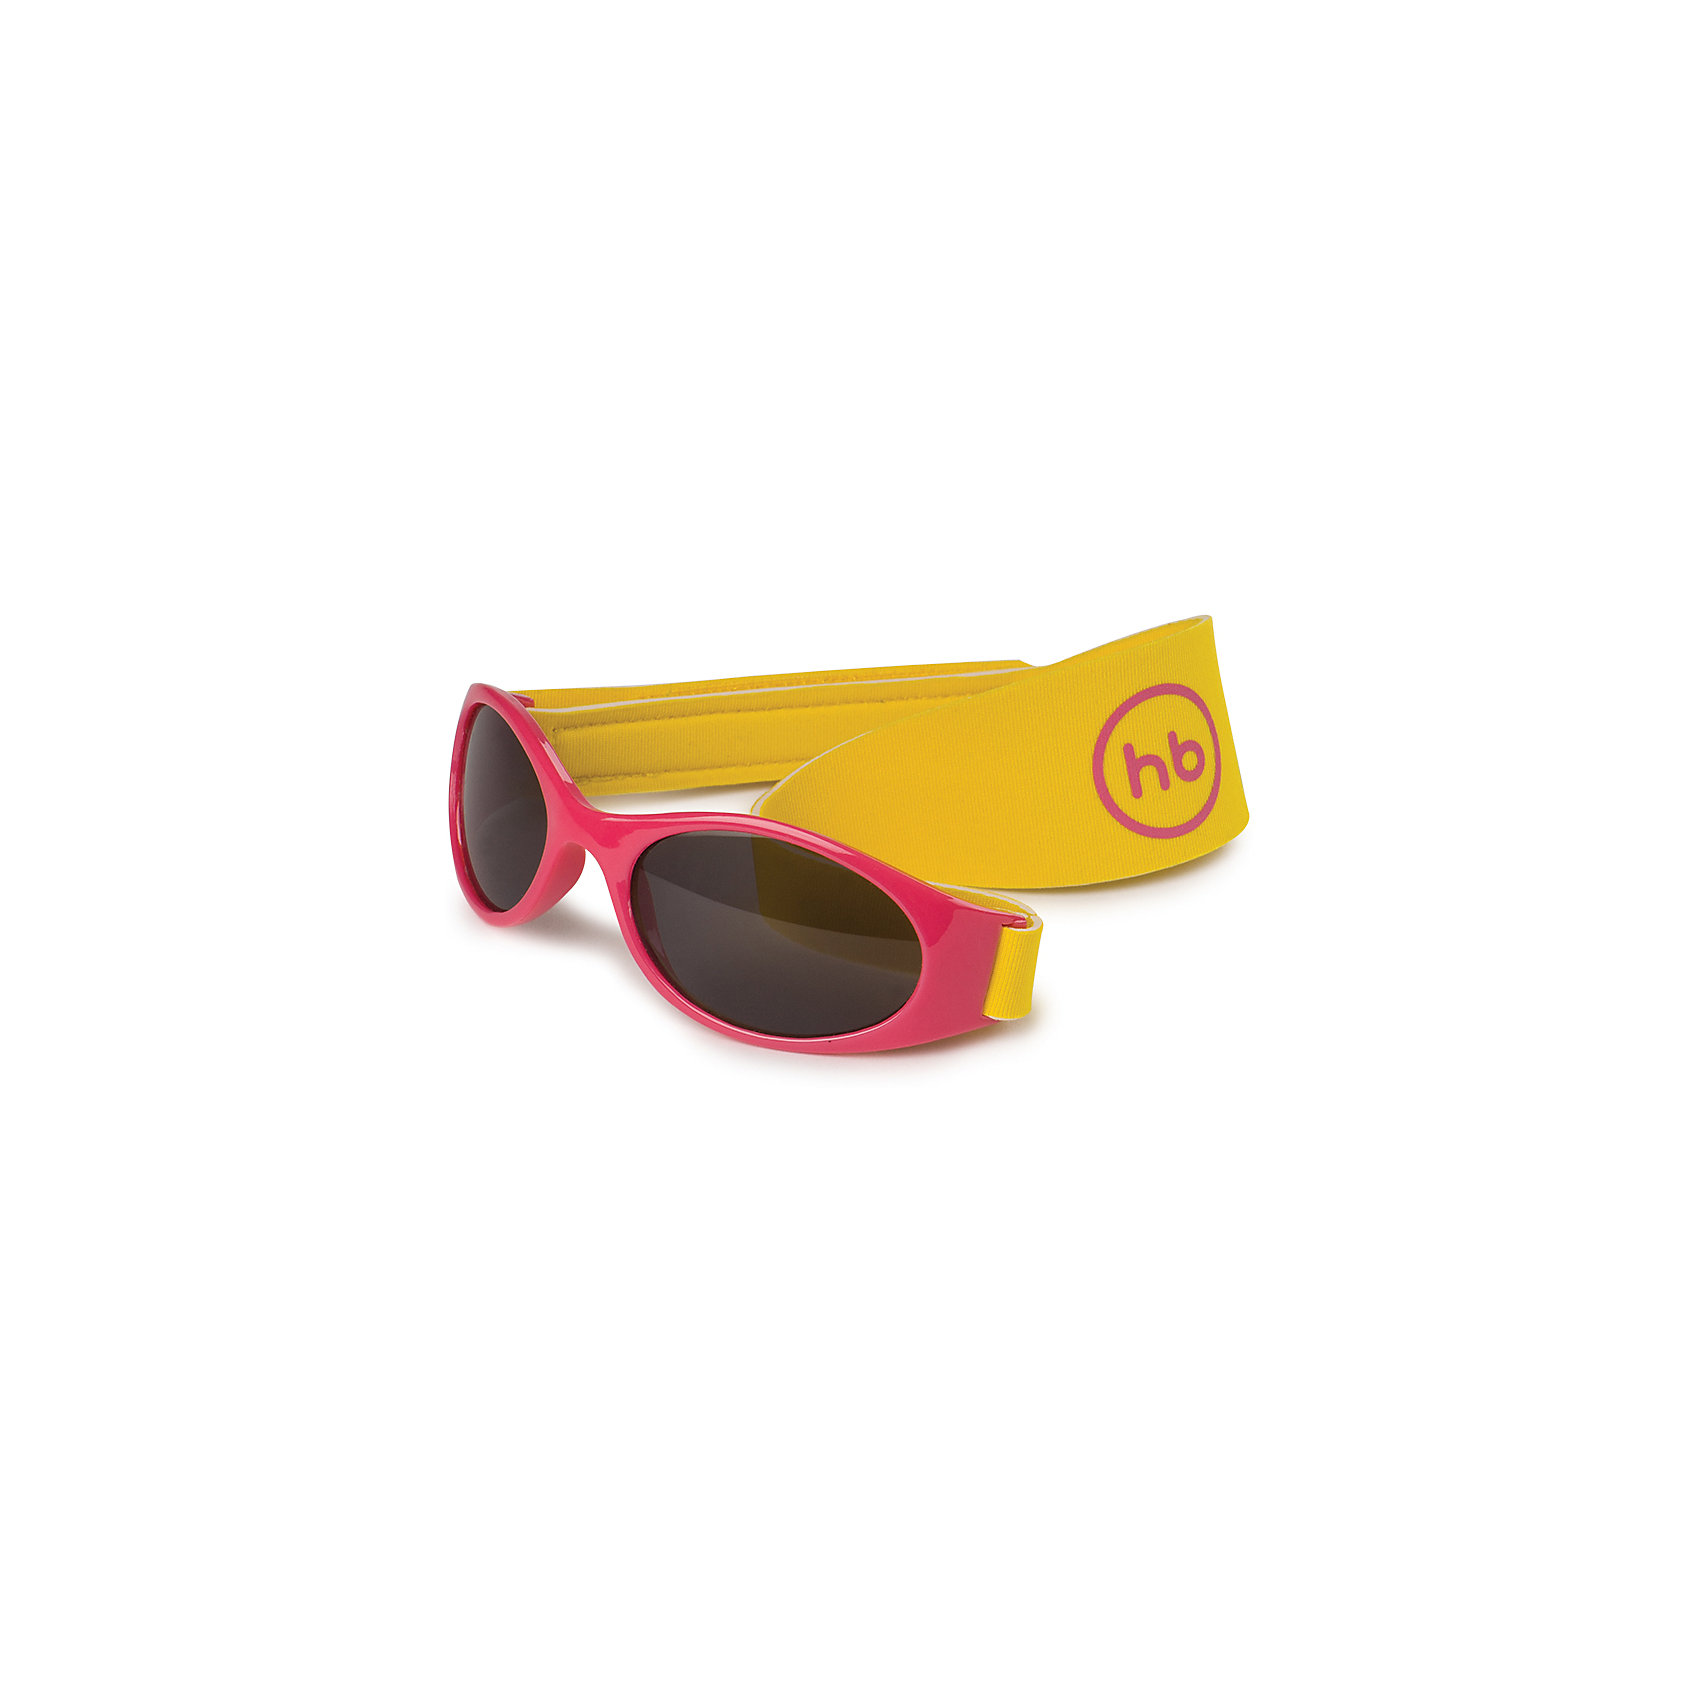 Очки солнцезащитные с ремешком, Happy Baby, красныйСолнцезащитные очки<br>Характеристики:<br><br>• детские солнцезащитные очки;<br>• глаза ребенка защищены от солнечных лучей;<br>• ремешок застегивается на липучку;<br>• ремешок препятствует падению или утере очков, когда ребенок активно играет;<br>• материал: годаполикарбонат, этиленвинилацетат, линзы - пластик;<br>• размер упаковки: 16х5х4 см;<br>• вес: 31 г.<br><br>Очки солнцезащитные с ремешком, Happy Baby, цвет красный можно купить в нашем интернет-магазине.<br><br>Ширина мм: 40<br>Глубина мм: 160<br>Высота мм: 50<br>Вес г: 31<br>Возраст от месяцев: 6<br>Возраст до месяцев: 24<br>Пол: Унисекс<br>Возраст: Детский<br>SKU: 6679331